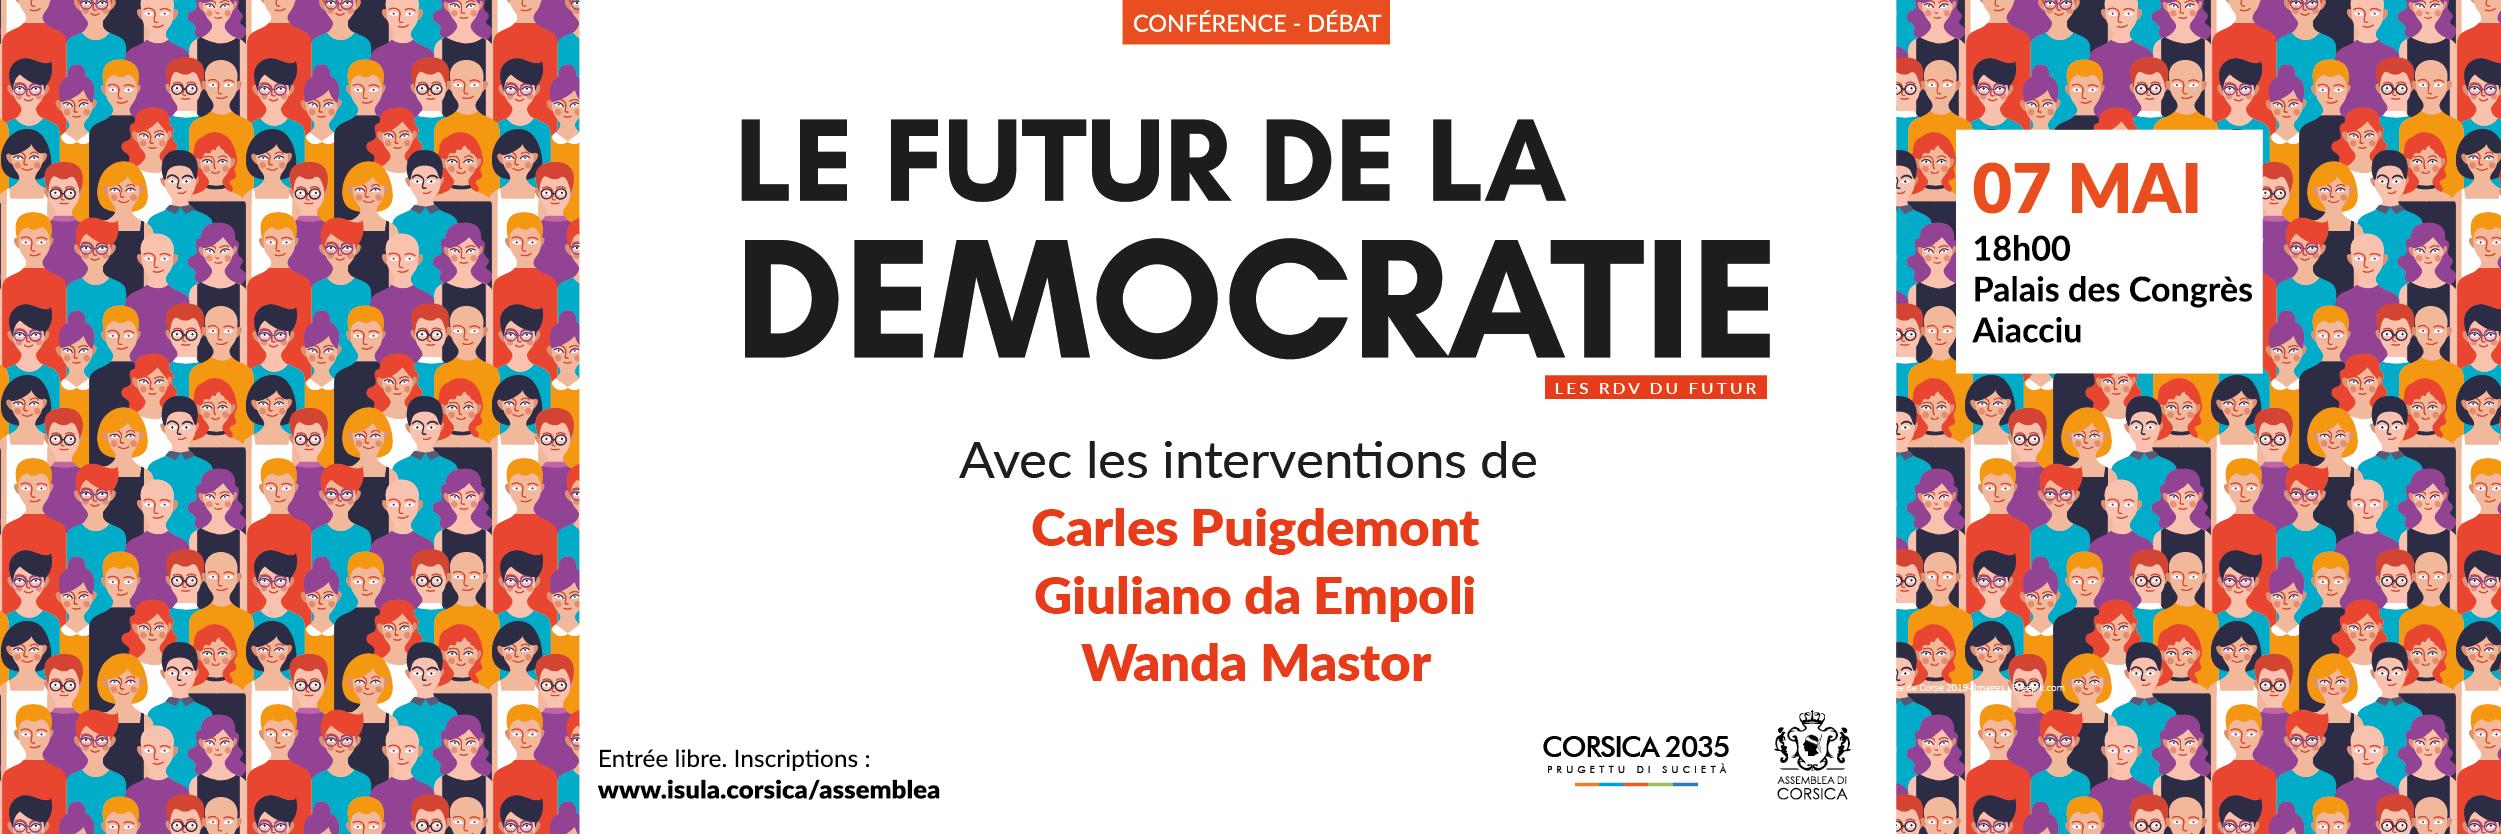 Le Futur de la Démocratie en débat le 7 mai à Aiacciu